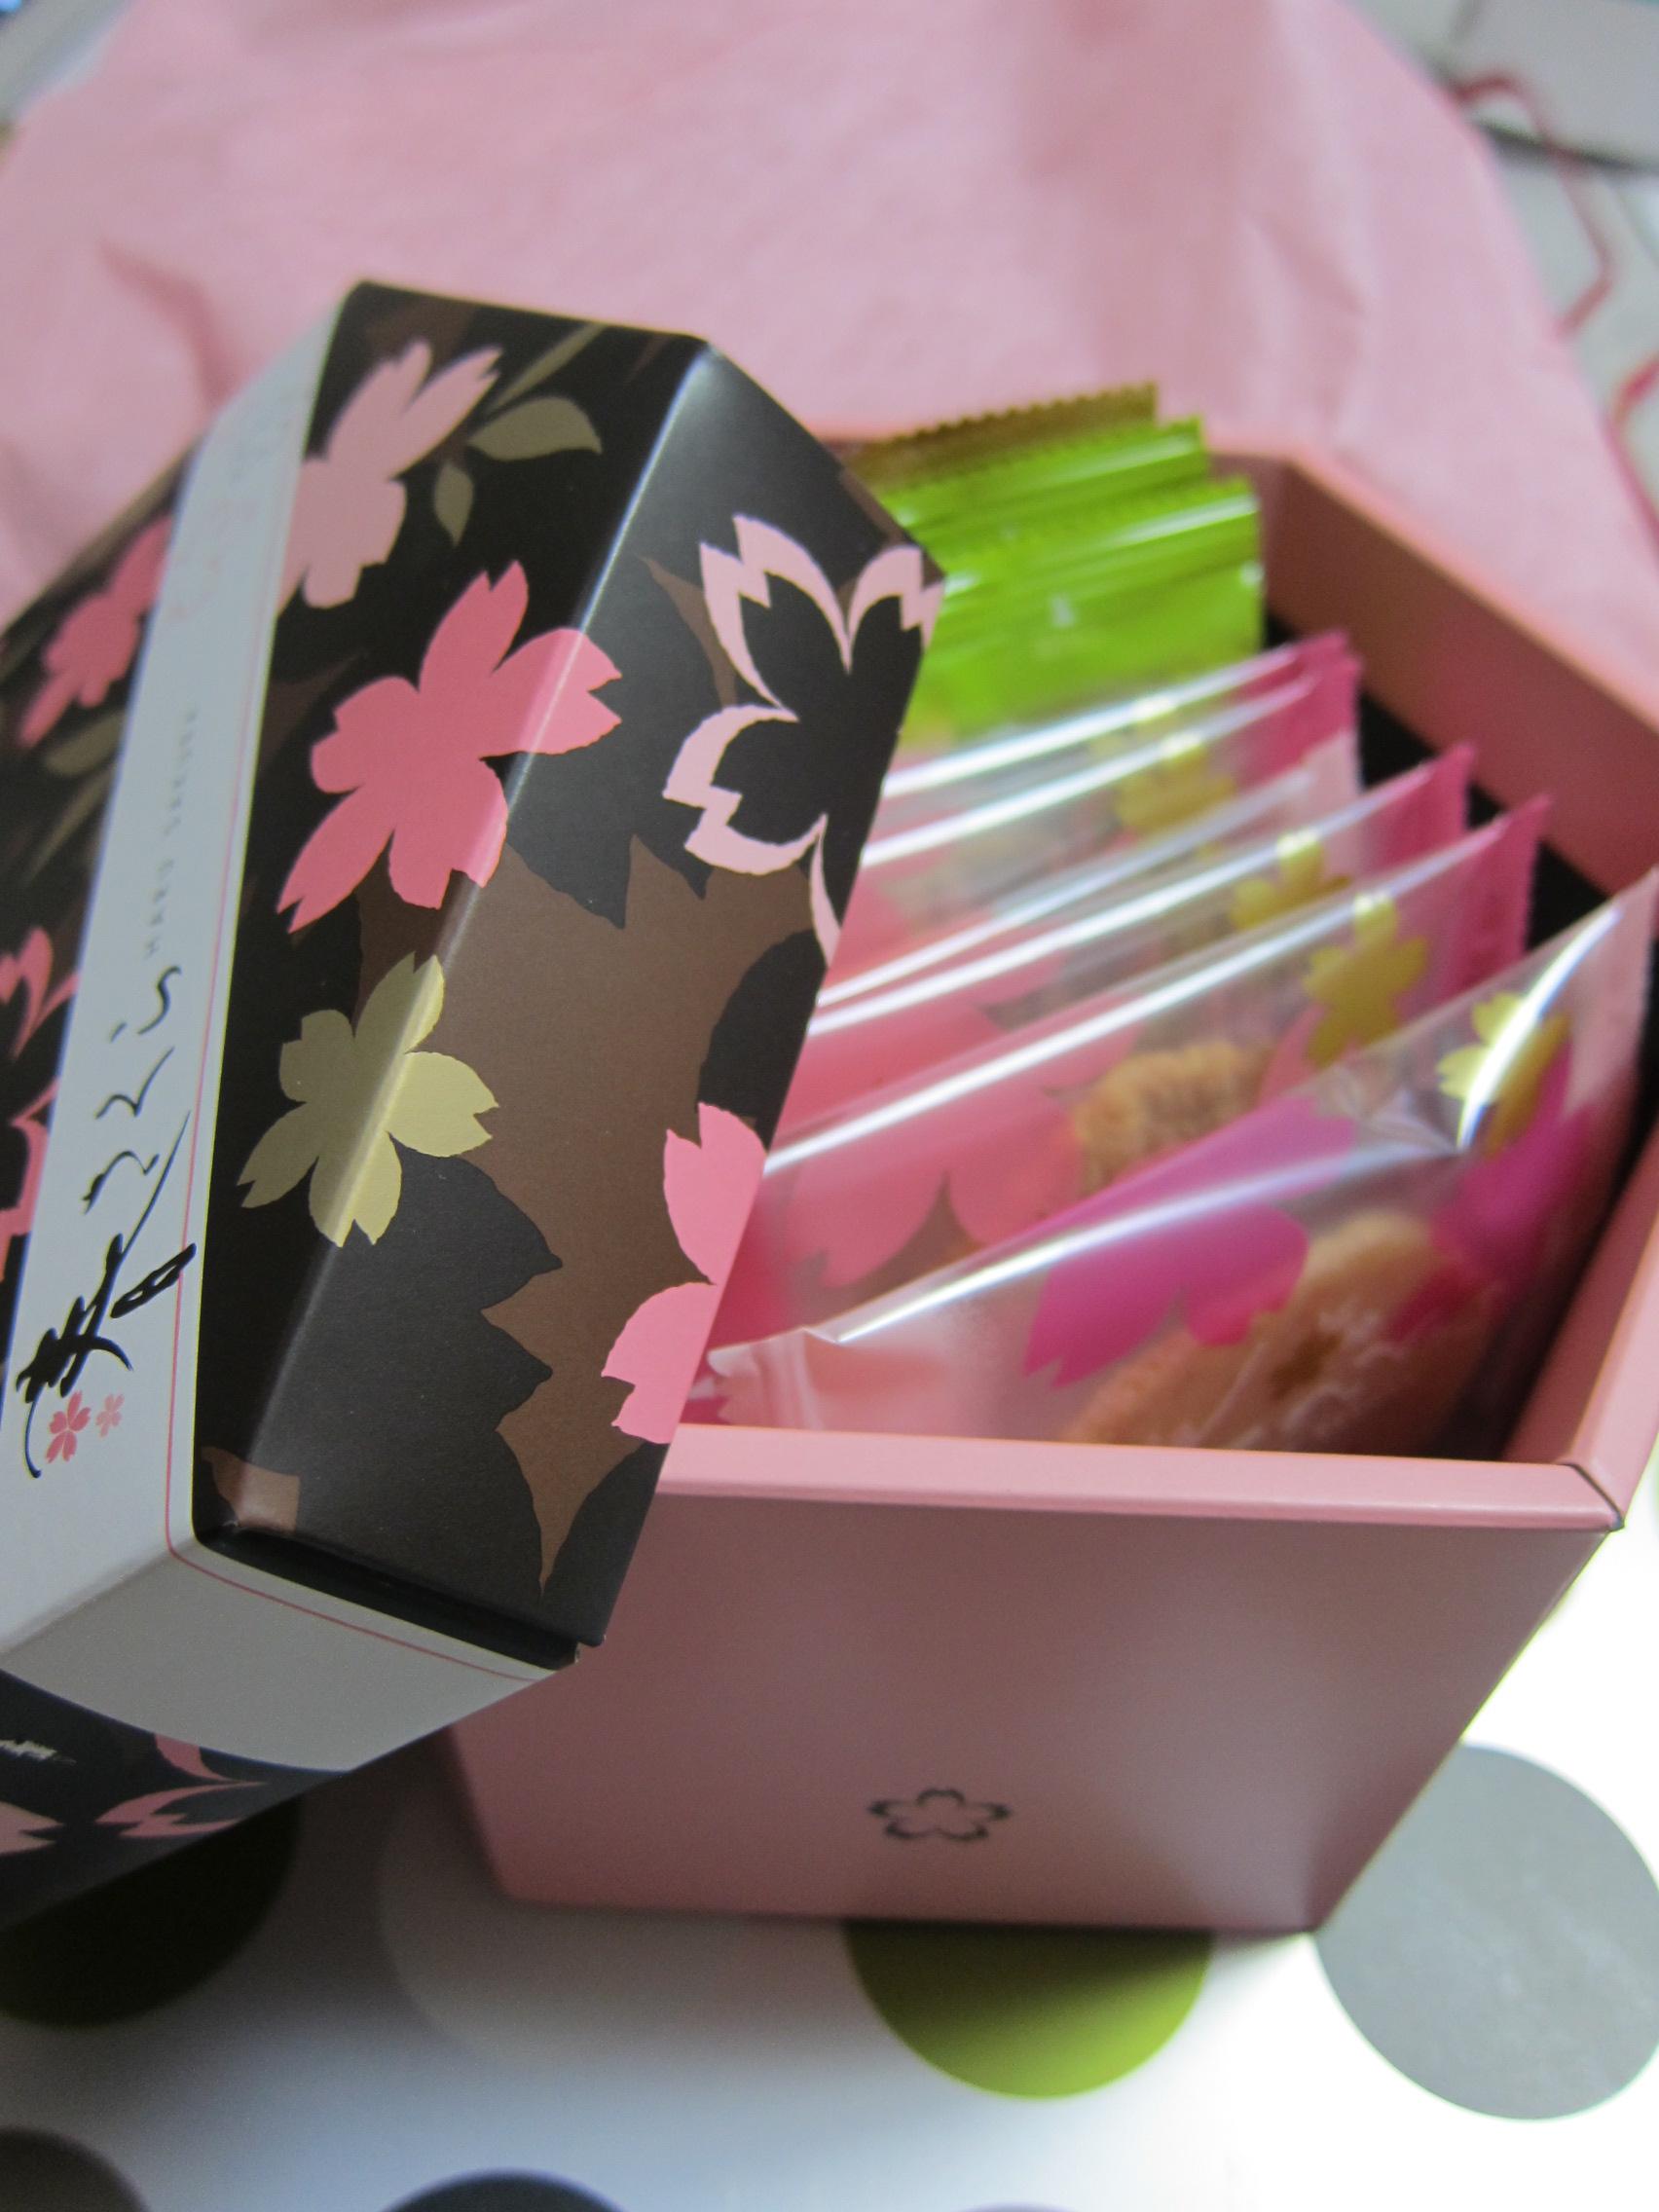 ガリっと旨い!とっても香ばしい坂角総本舗の限定煎餅「春さくら」